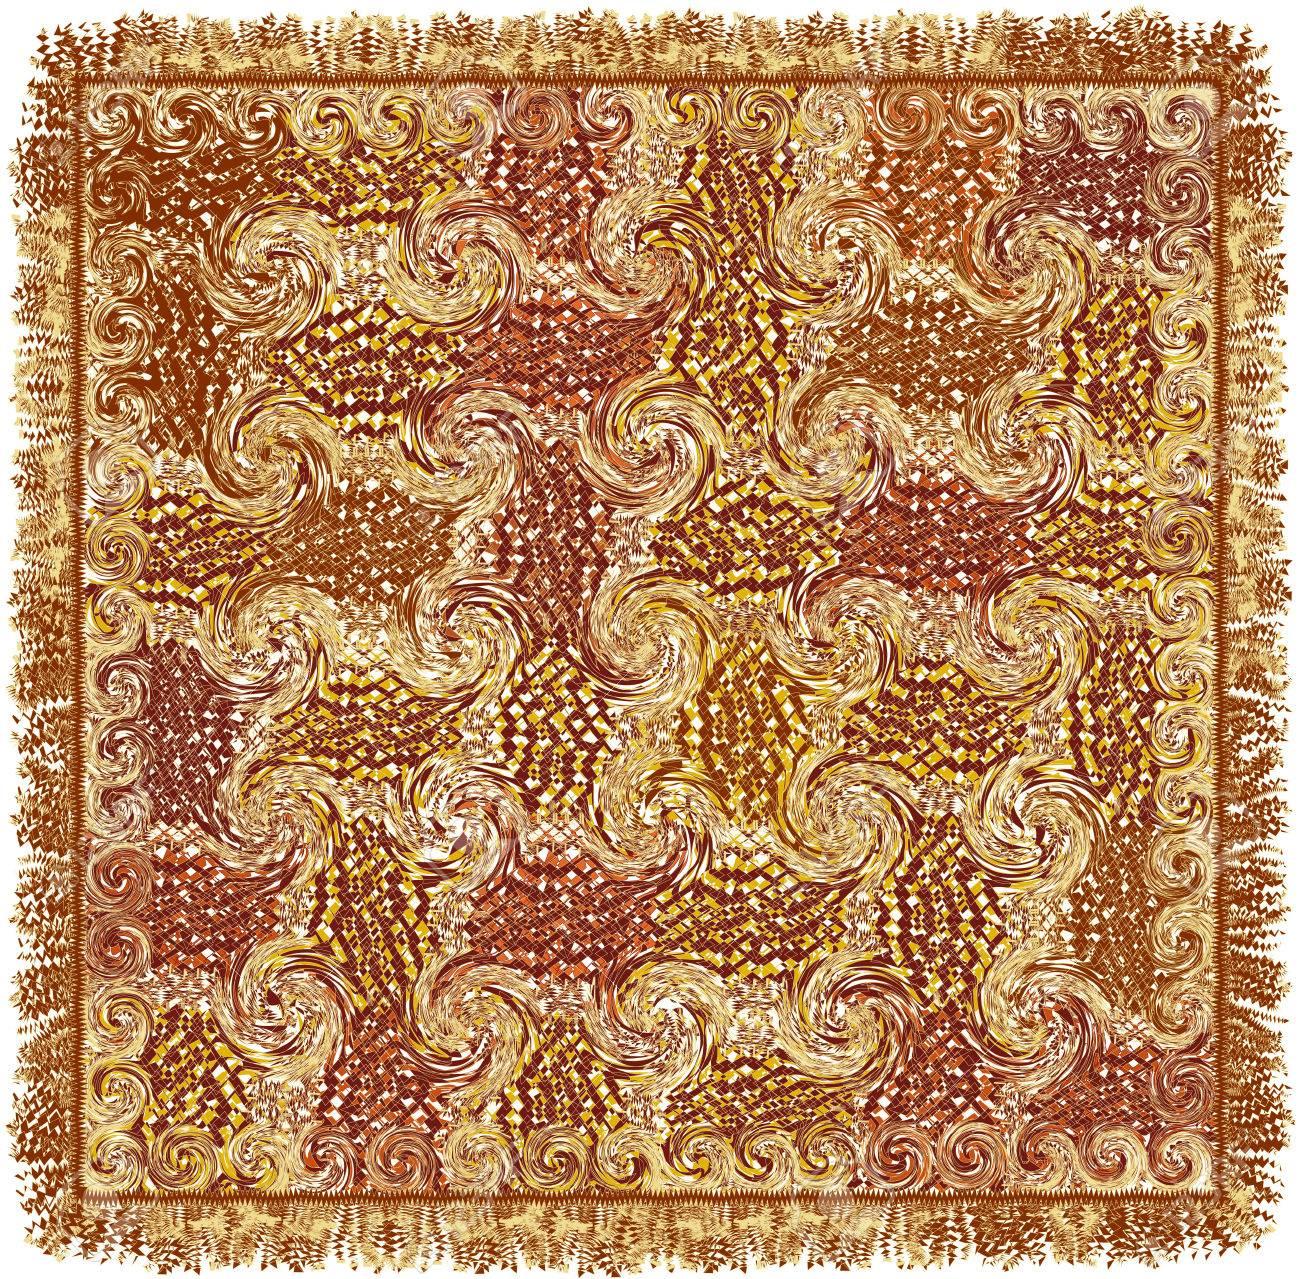 Platz Teppich Mit Grunge Gestreift Gewirbelt Muster In Braun, Gelb, Weiß  Farben Und Fransen